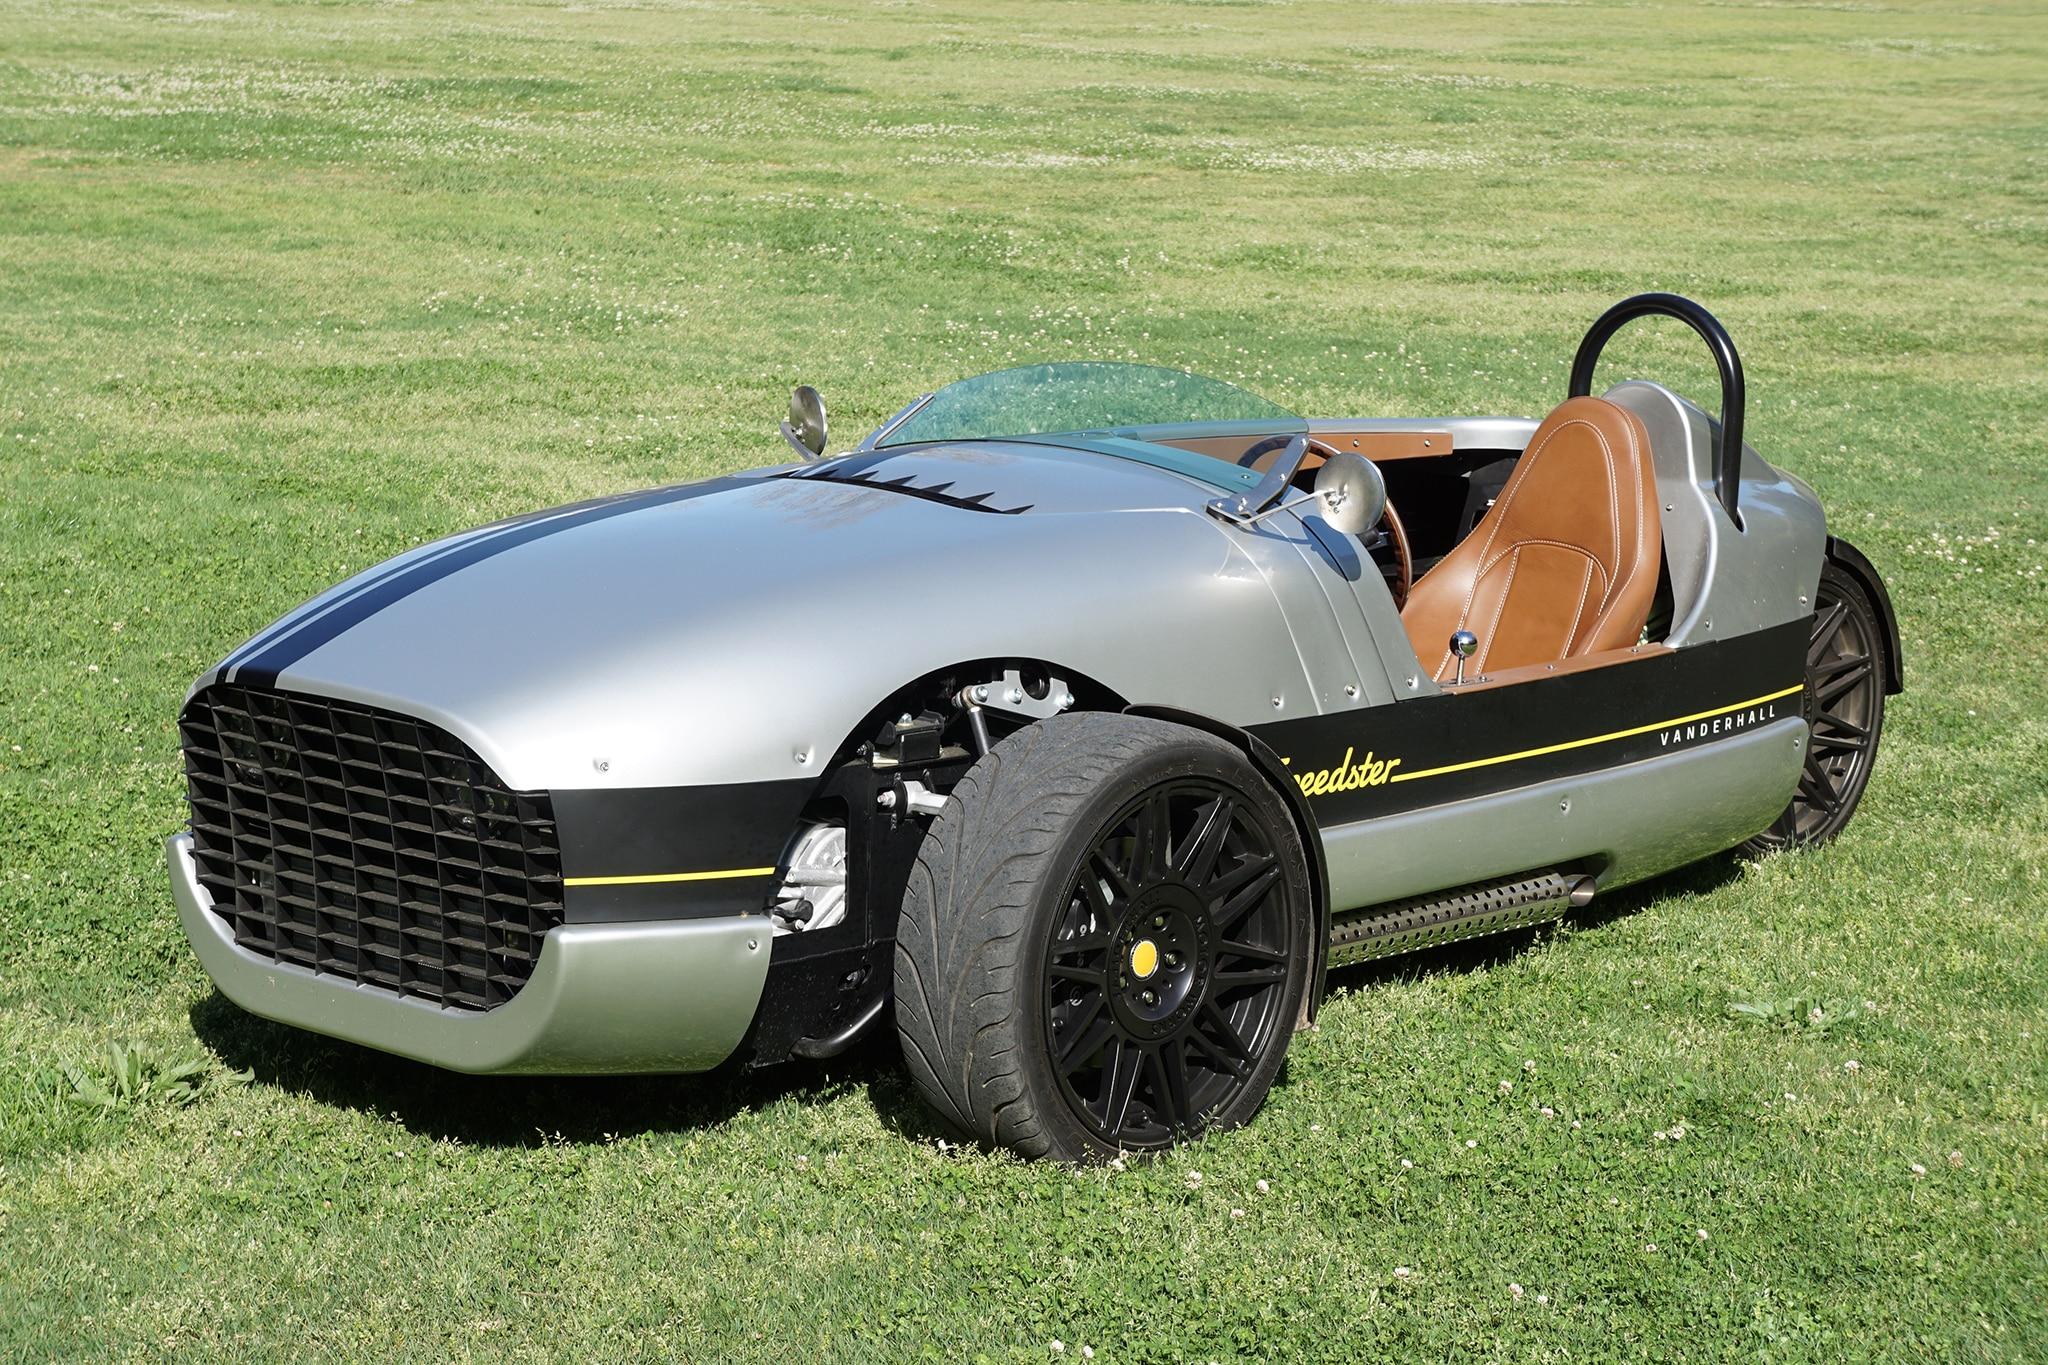 Vanderhall Speedster 17